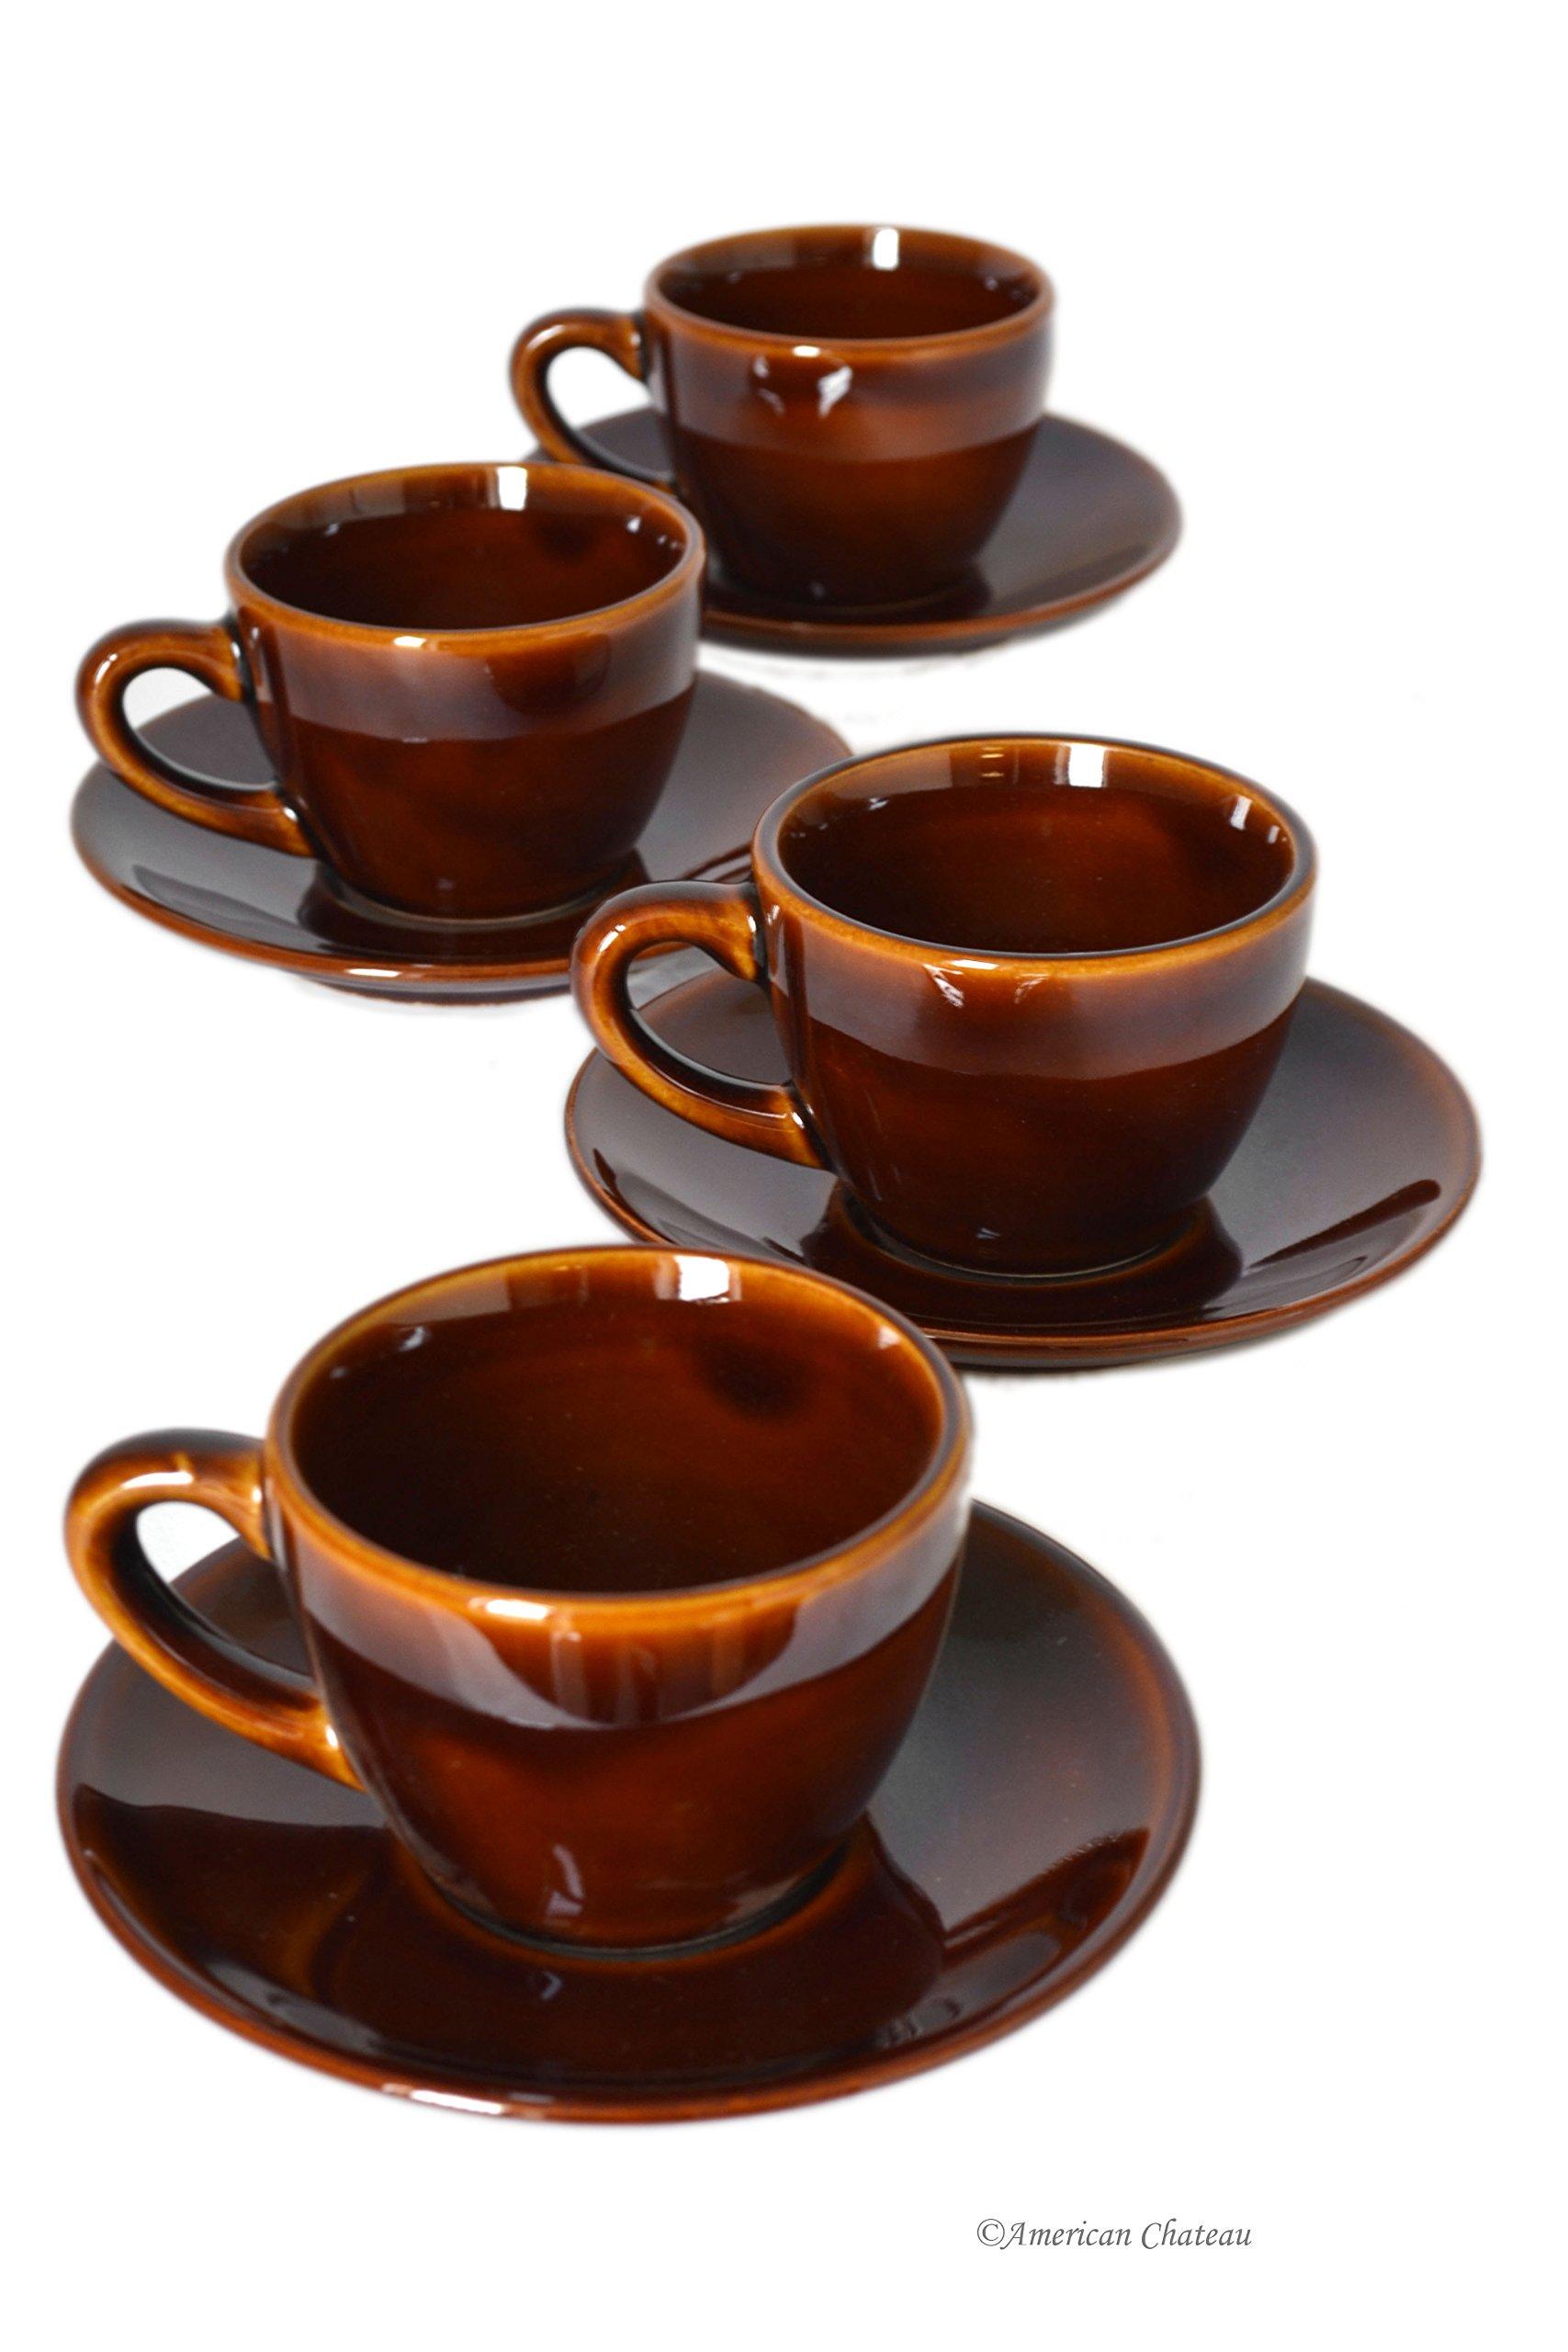 Set of 12 Vintage Brown Porcelain 4oz Demitasse Espresso Cups & Saucers